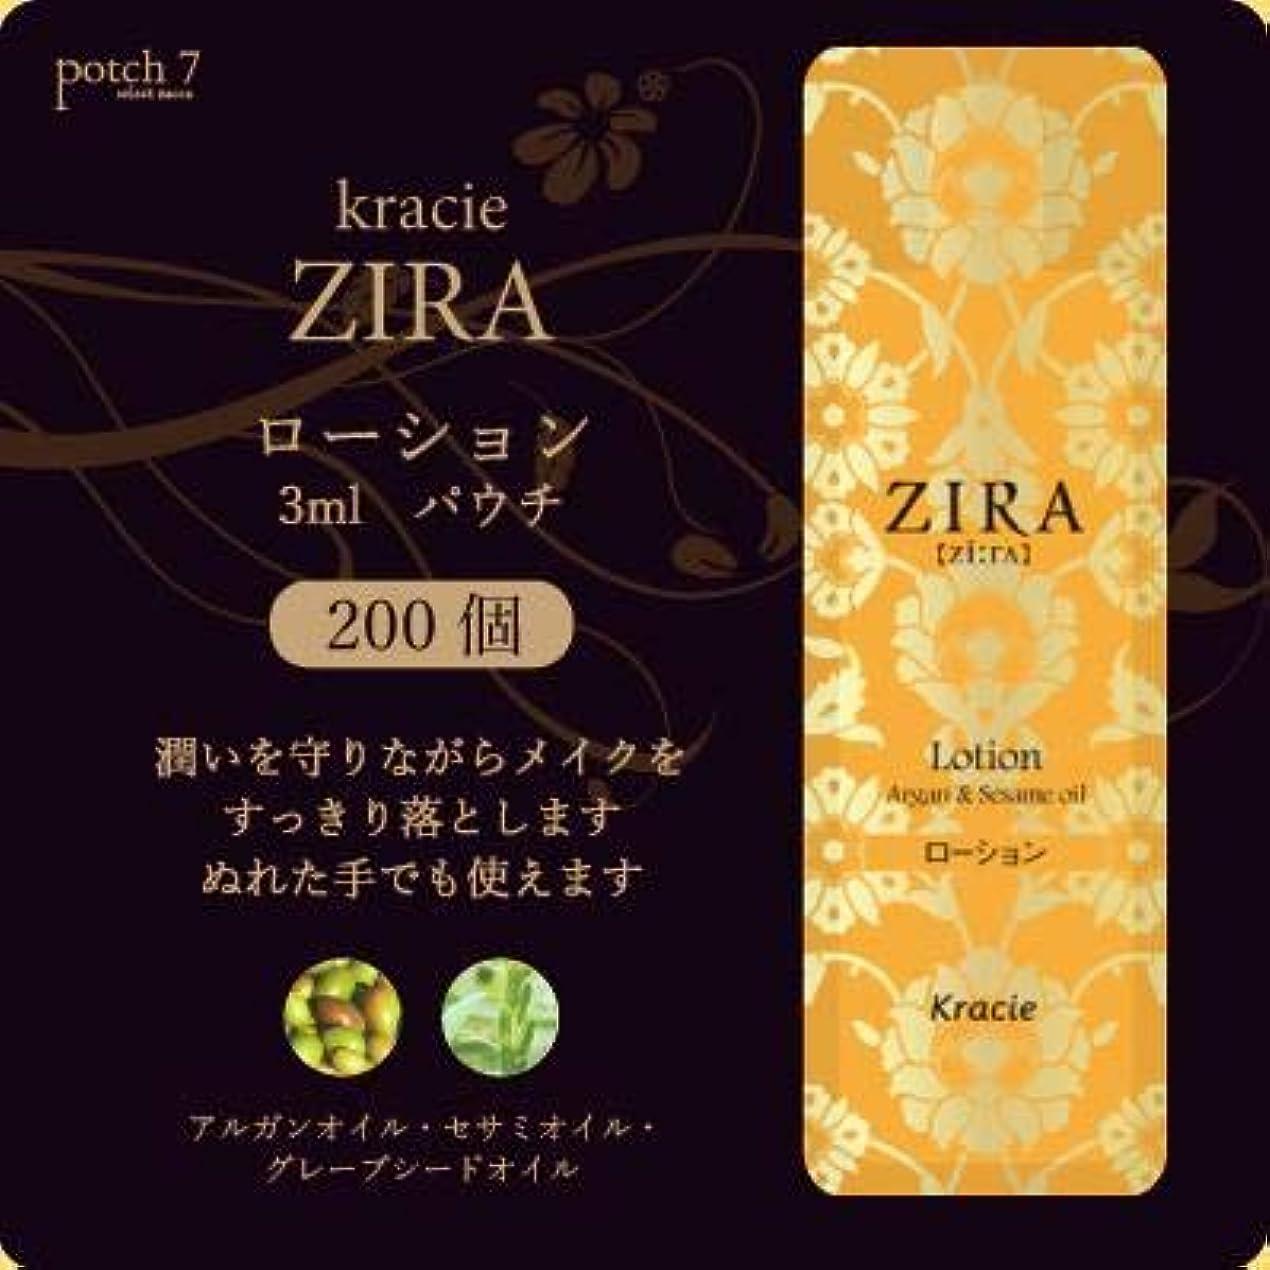 申し込むツール驚くばかりKracie クラシエ ZIRA ジーラ ローション 化粧水 パウチ 3ml 200個入